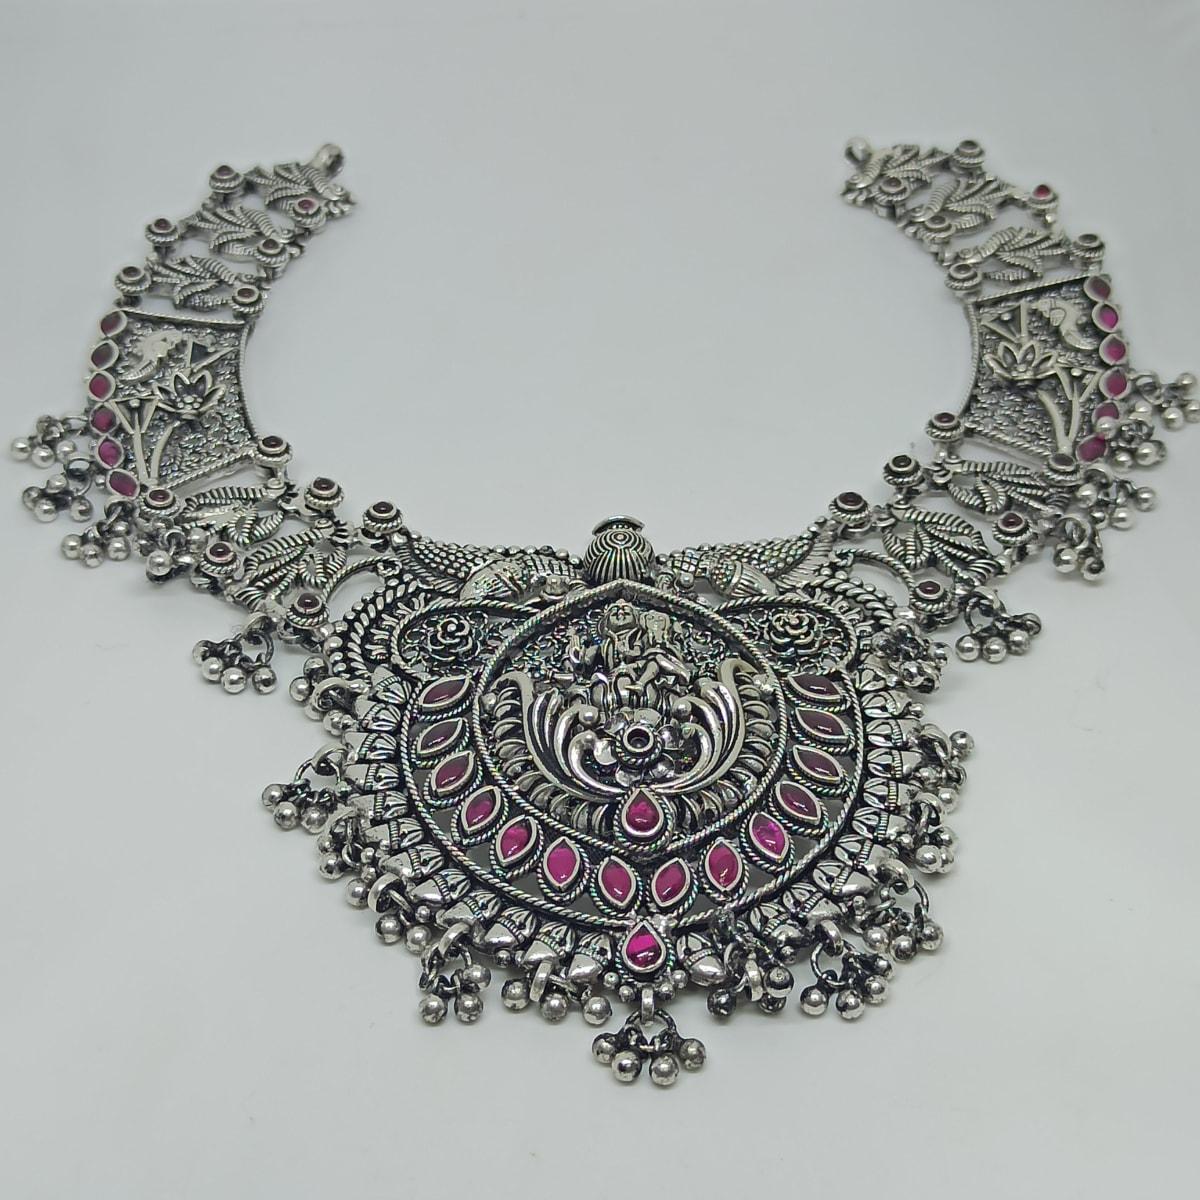 Parvathi Antique Silver Necklace